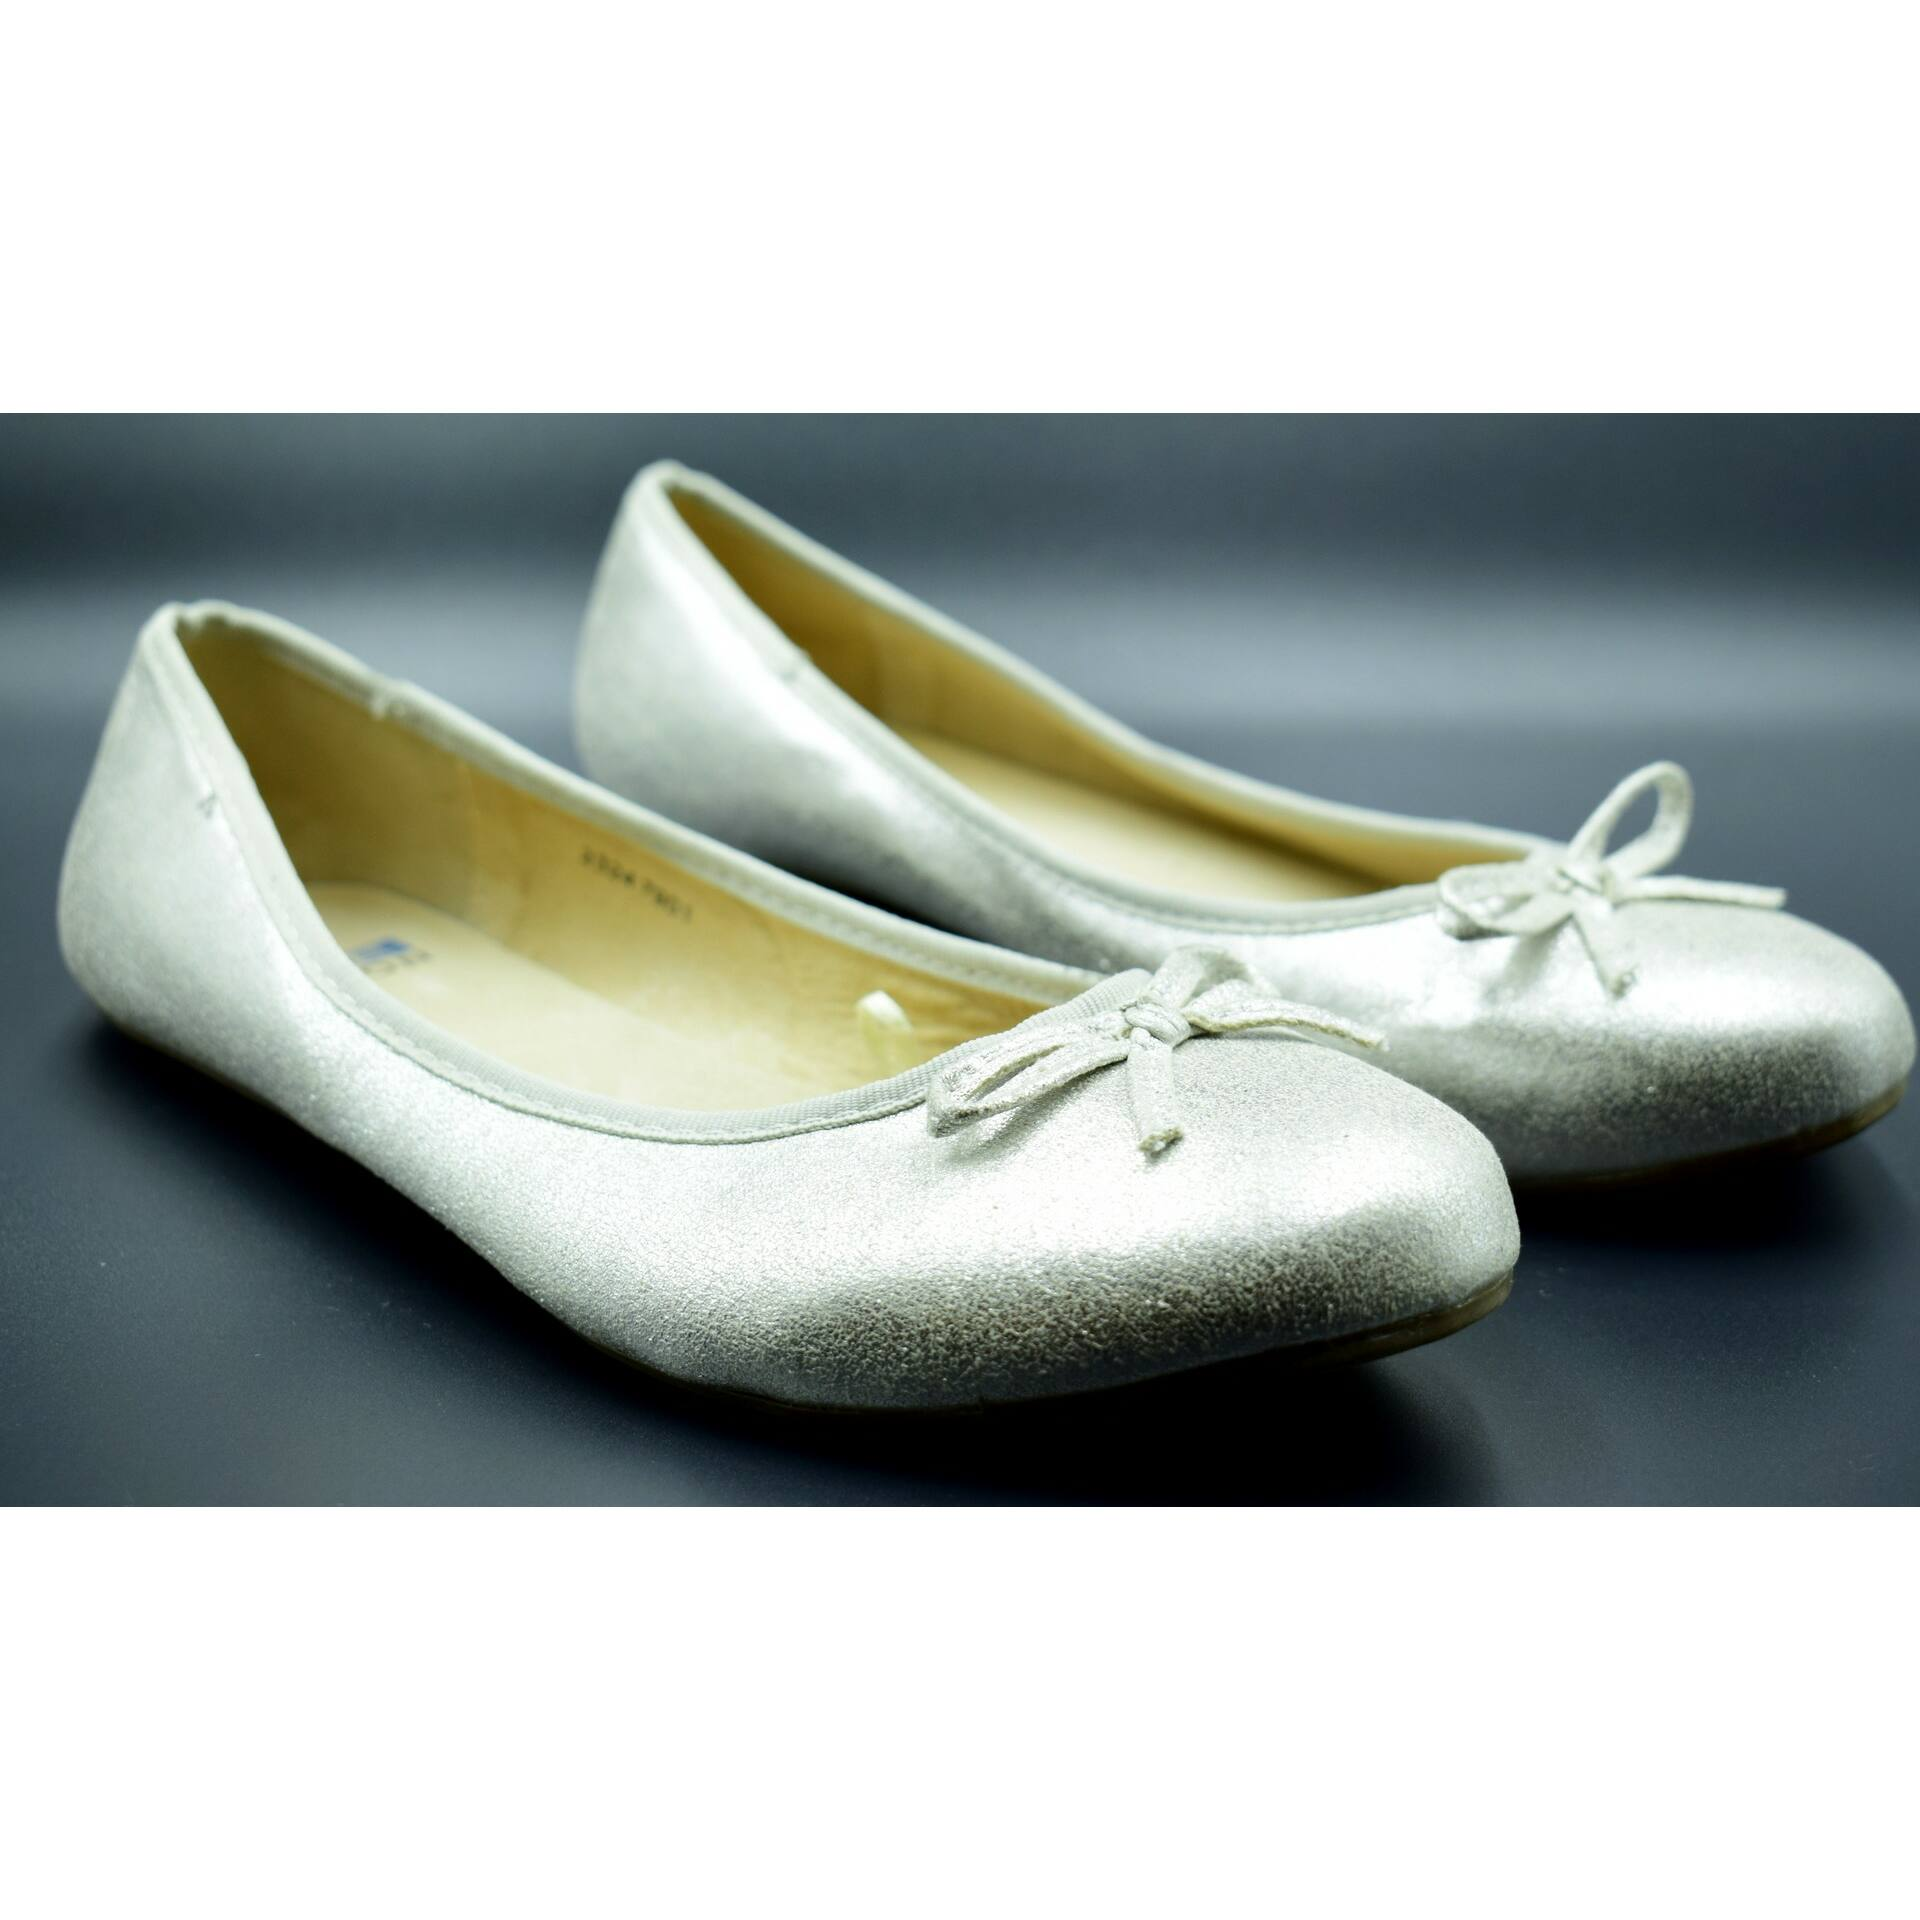 545d65a662 Ezüst színű BLUEMOTION topánka (Méret: 40) - Félcipő - Öltözz ki ...